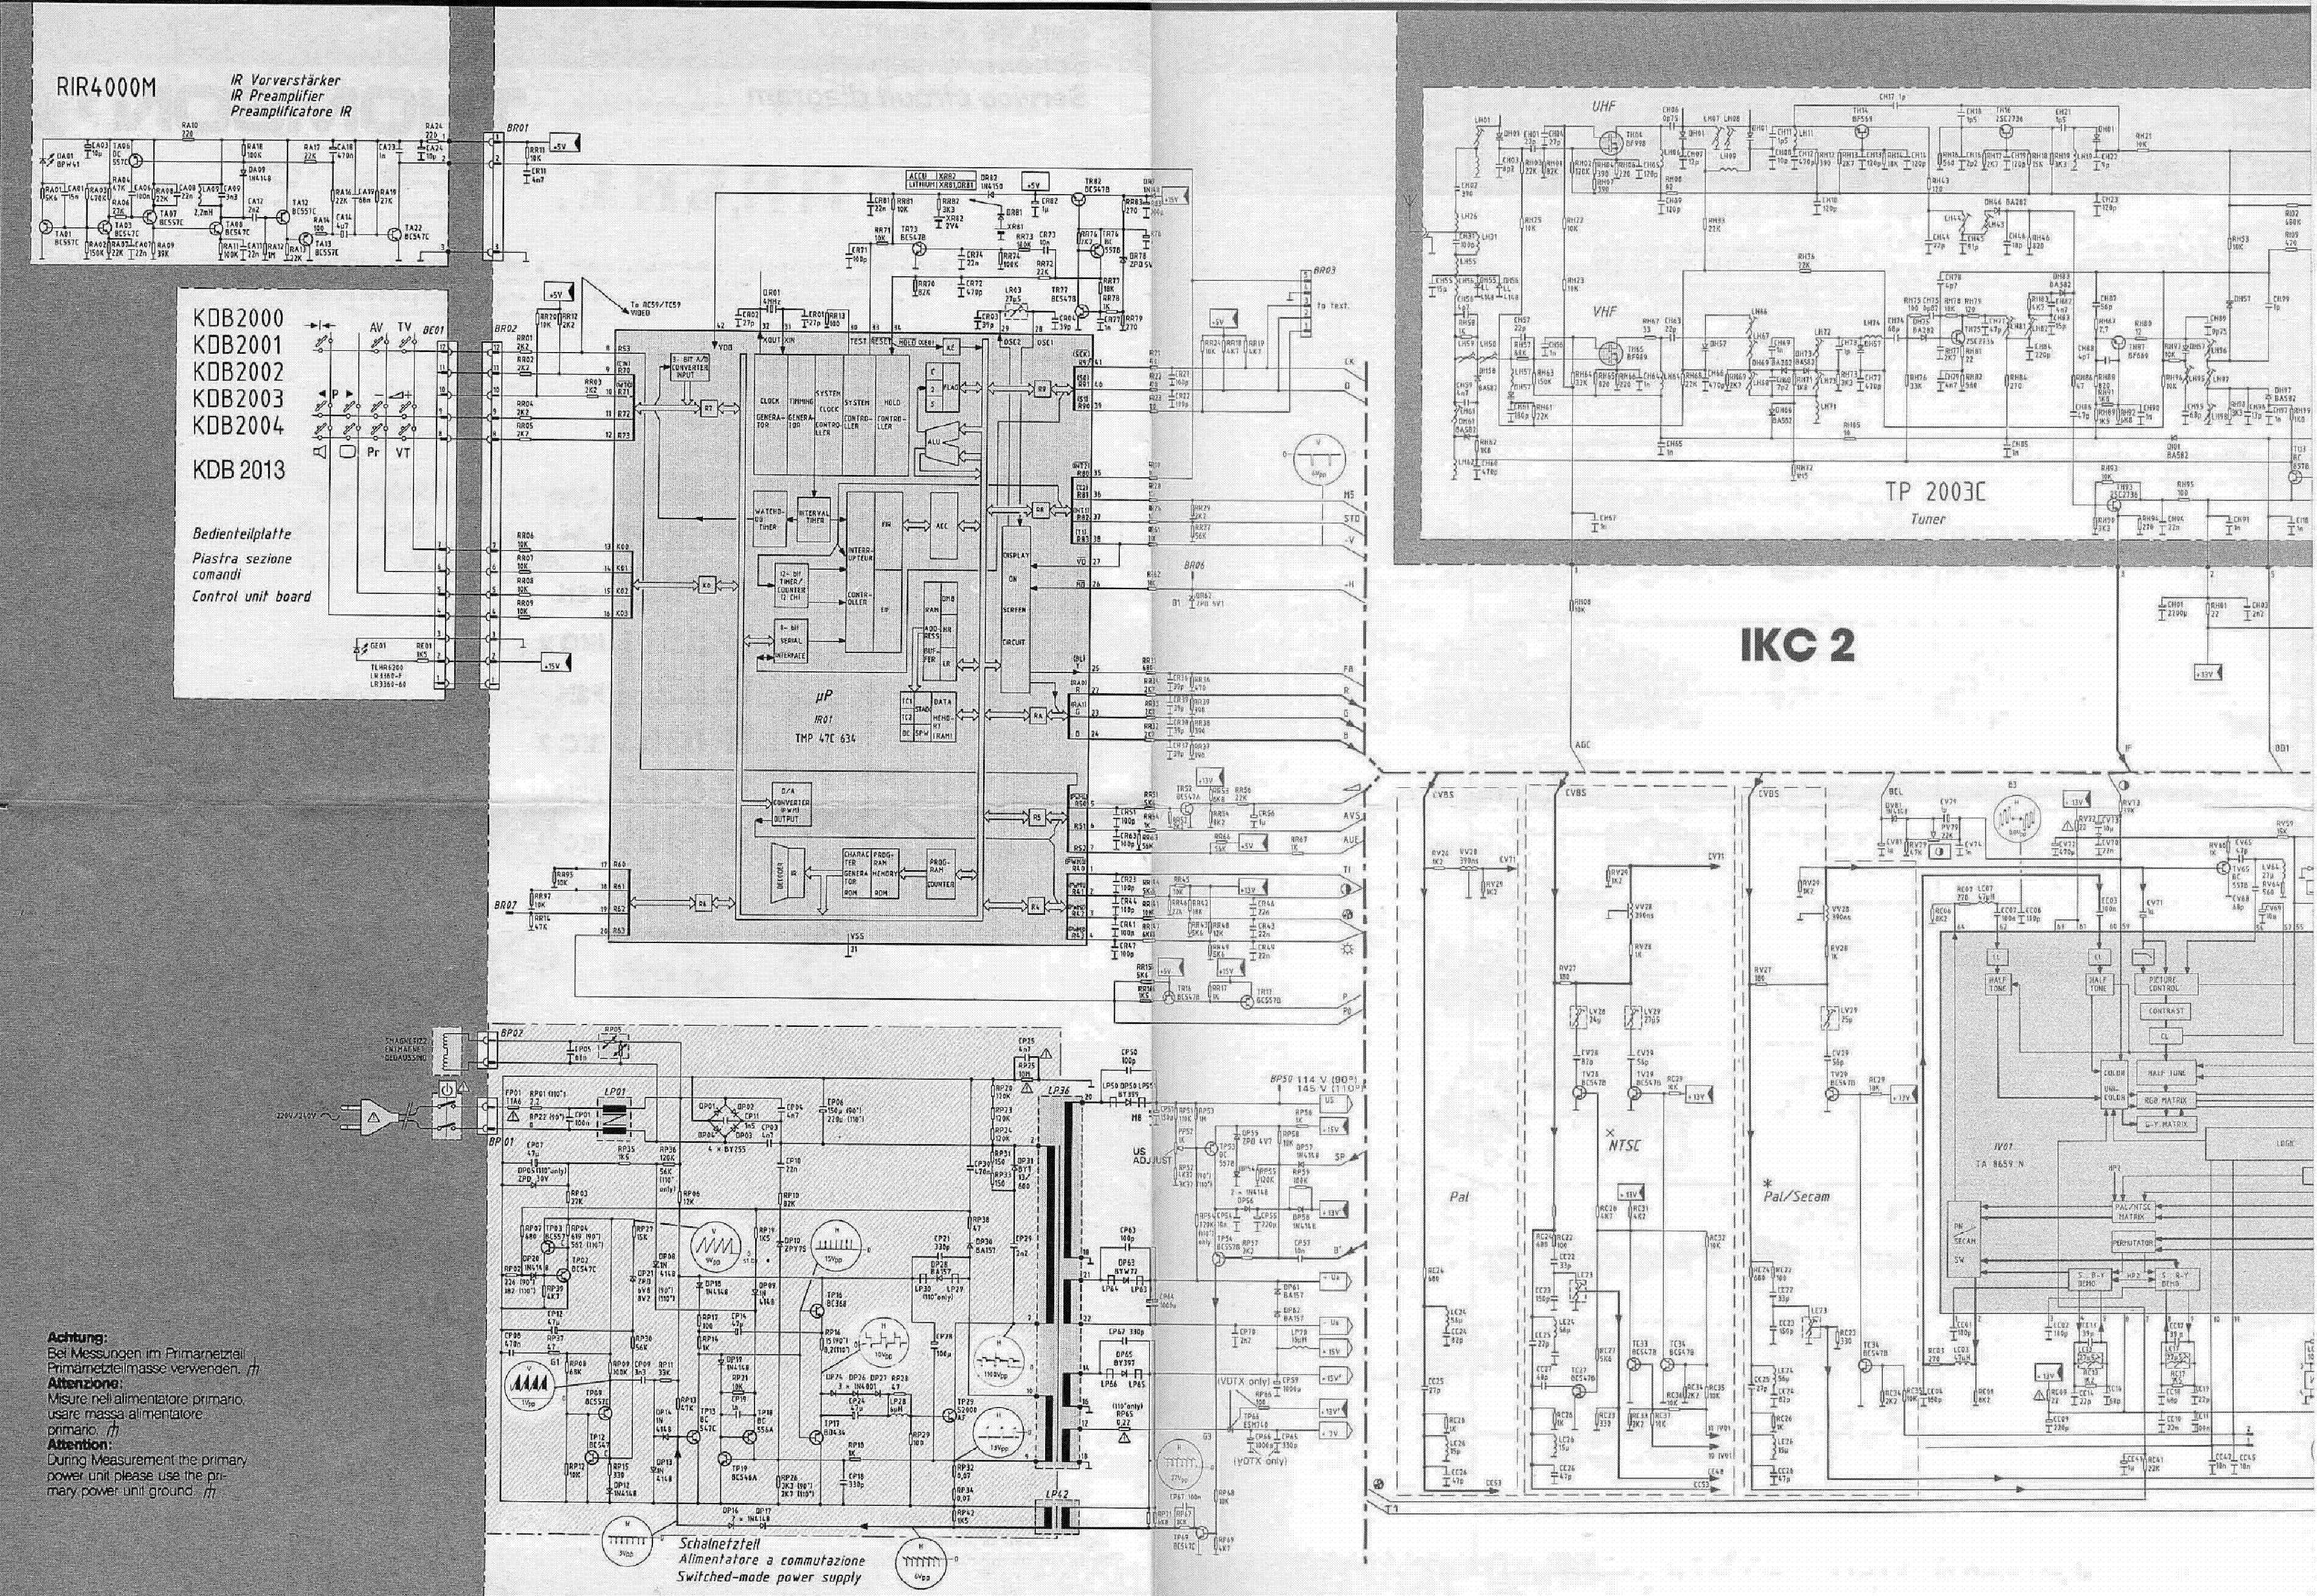 Схема телевизора Goodman IKC2 chassis.